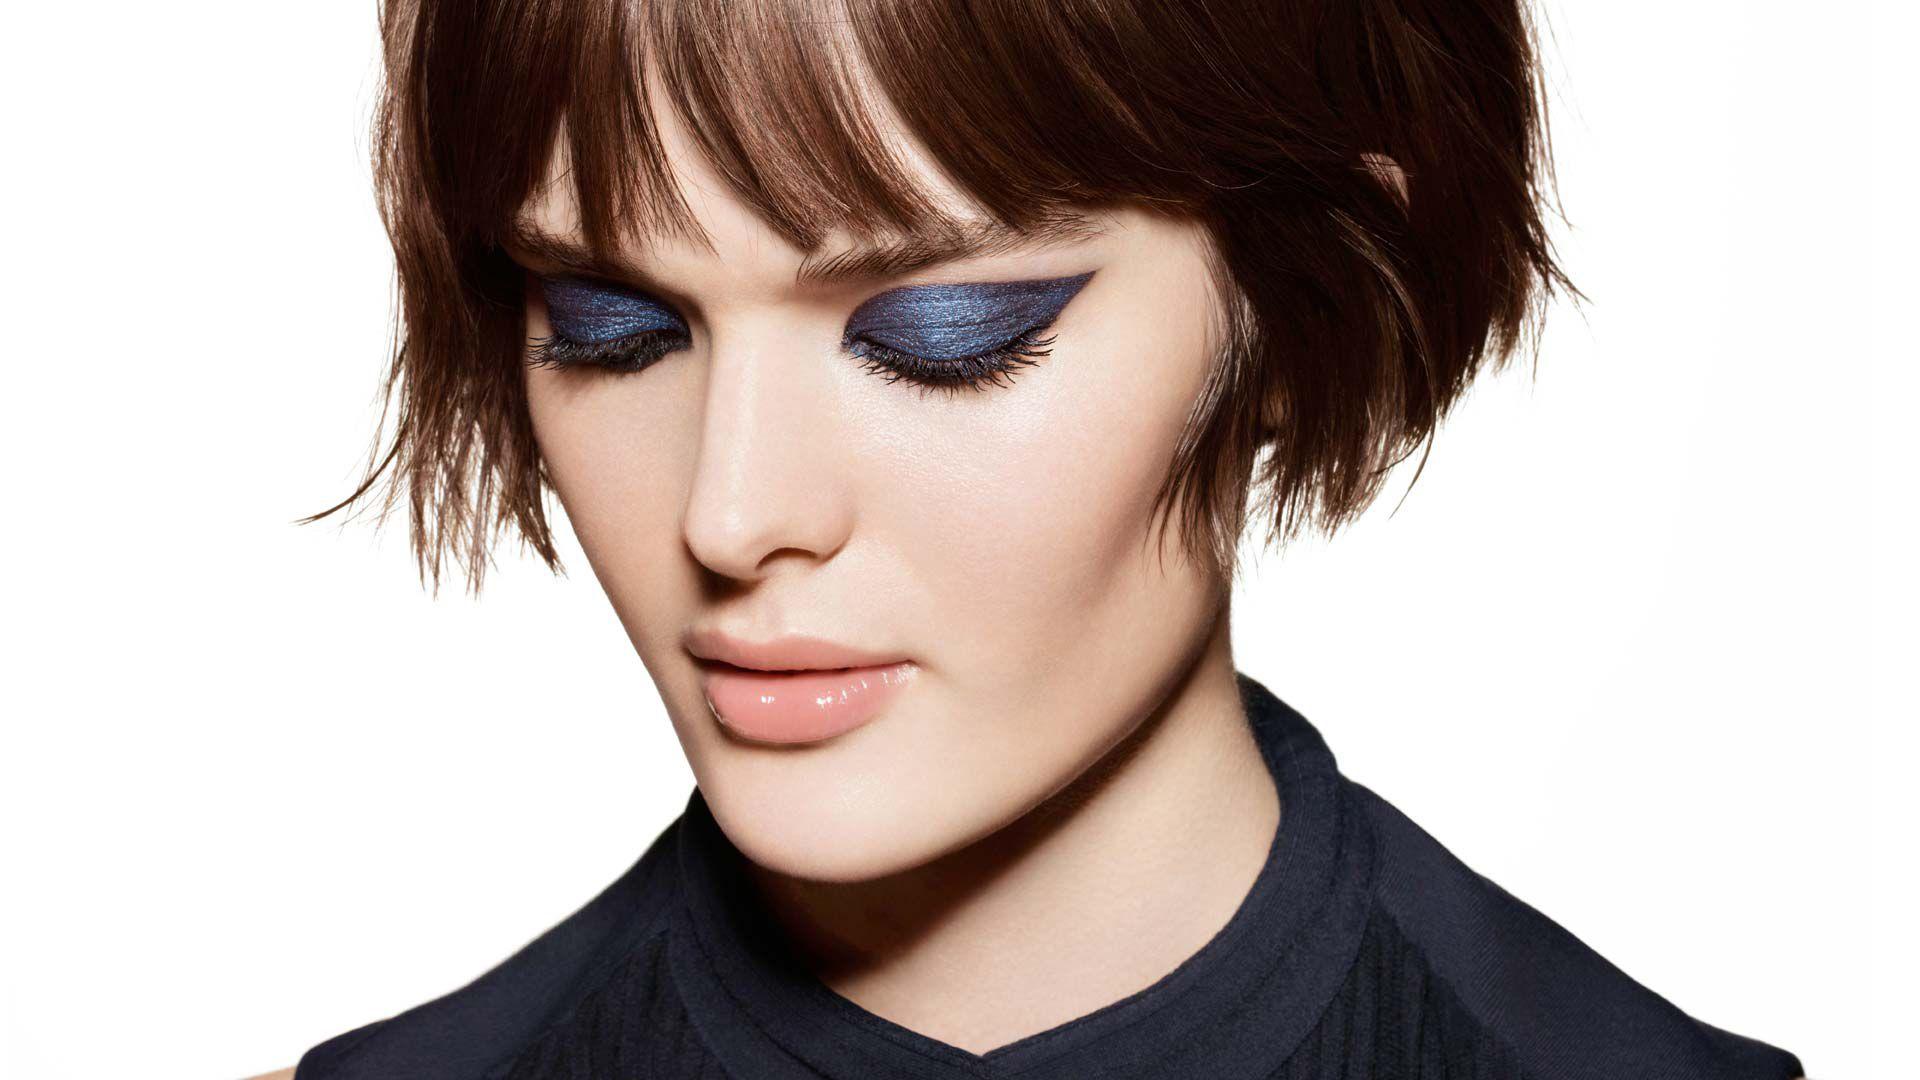 Chanel izbacio novu kolekciju šminke